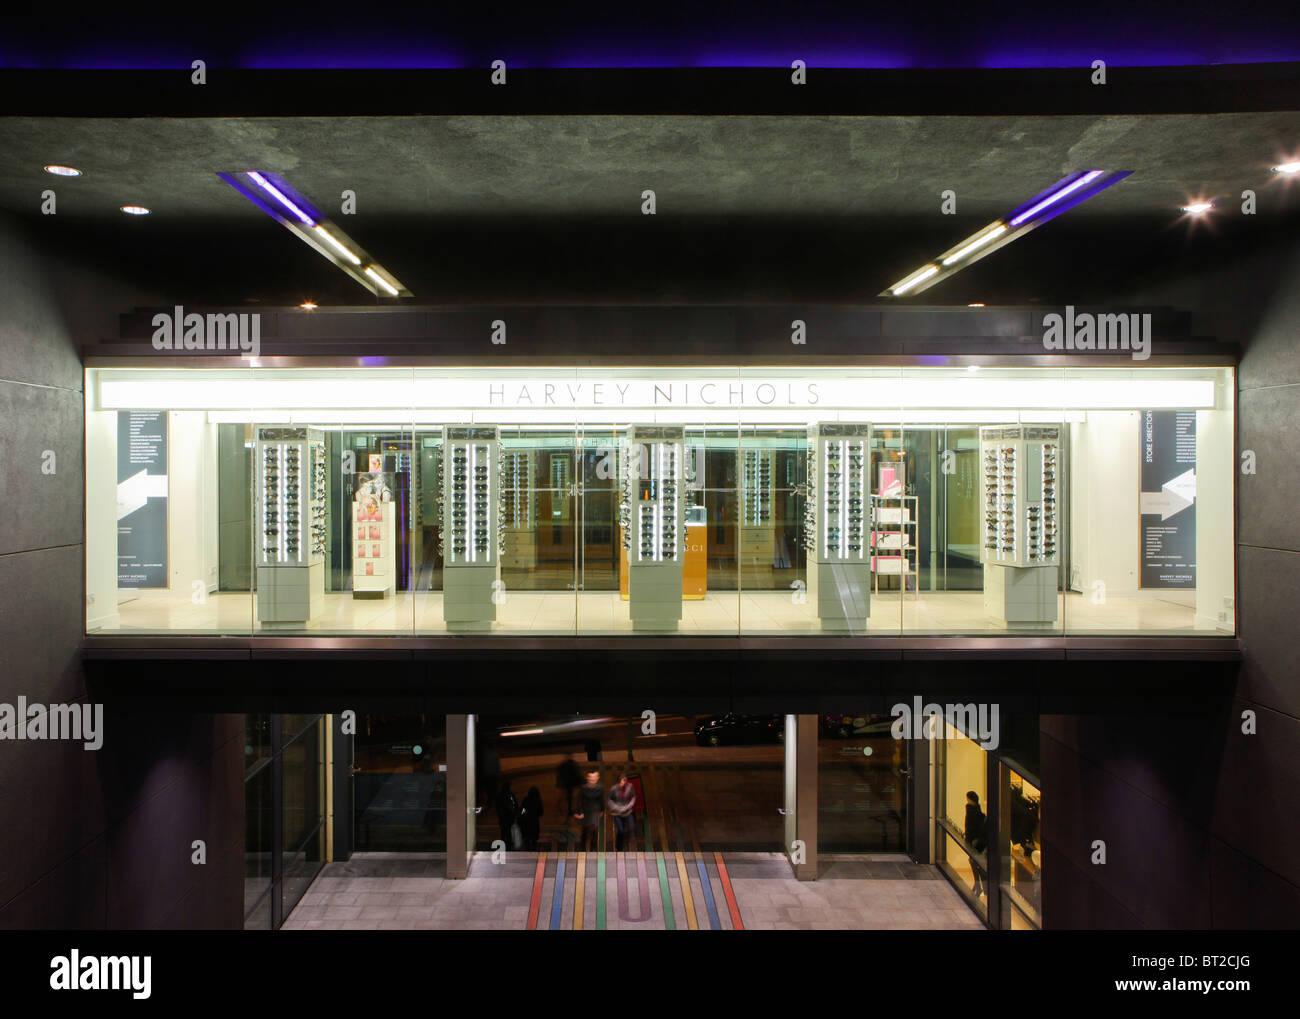 Harvey Nicholls department store en el centro comercial de Buzón, Birmingham, Inglaterra, Reino Unido. Imagen De Stock